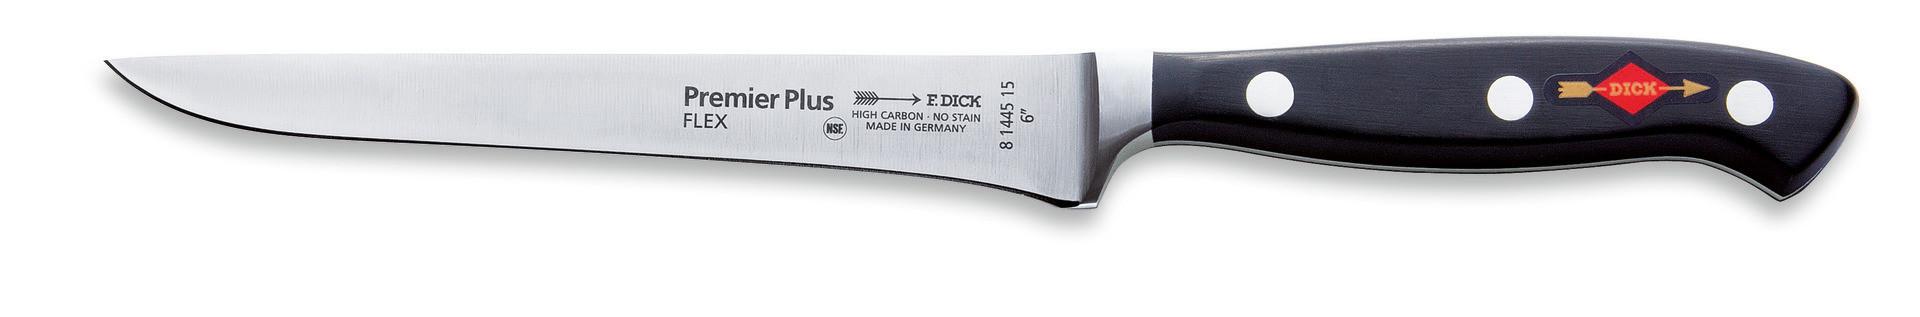 Premier Plus, Ausbeinmesser Klingenlänge 150 mm flexibel